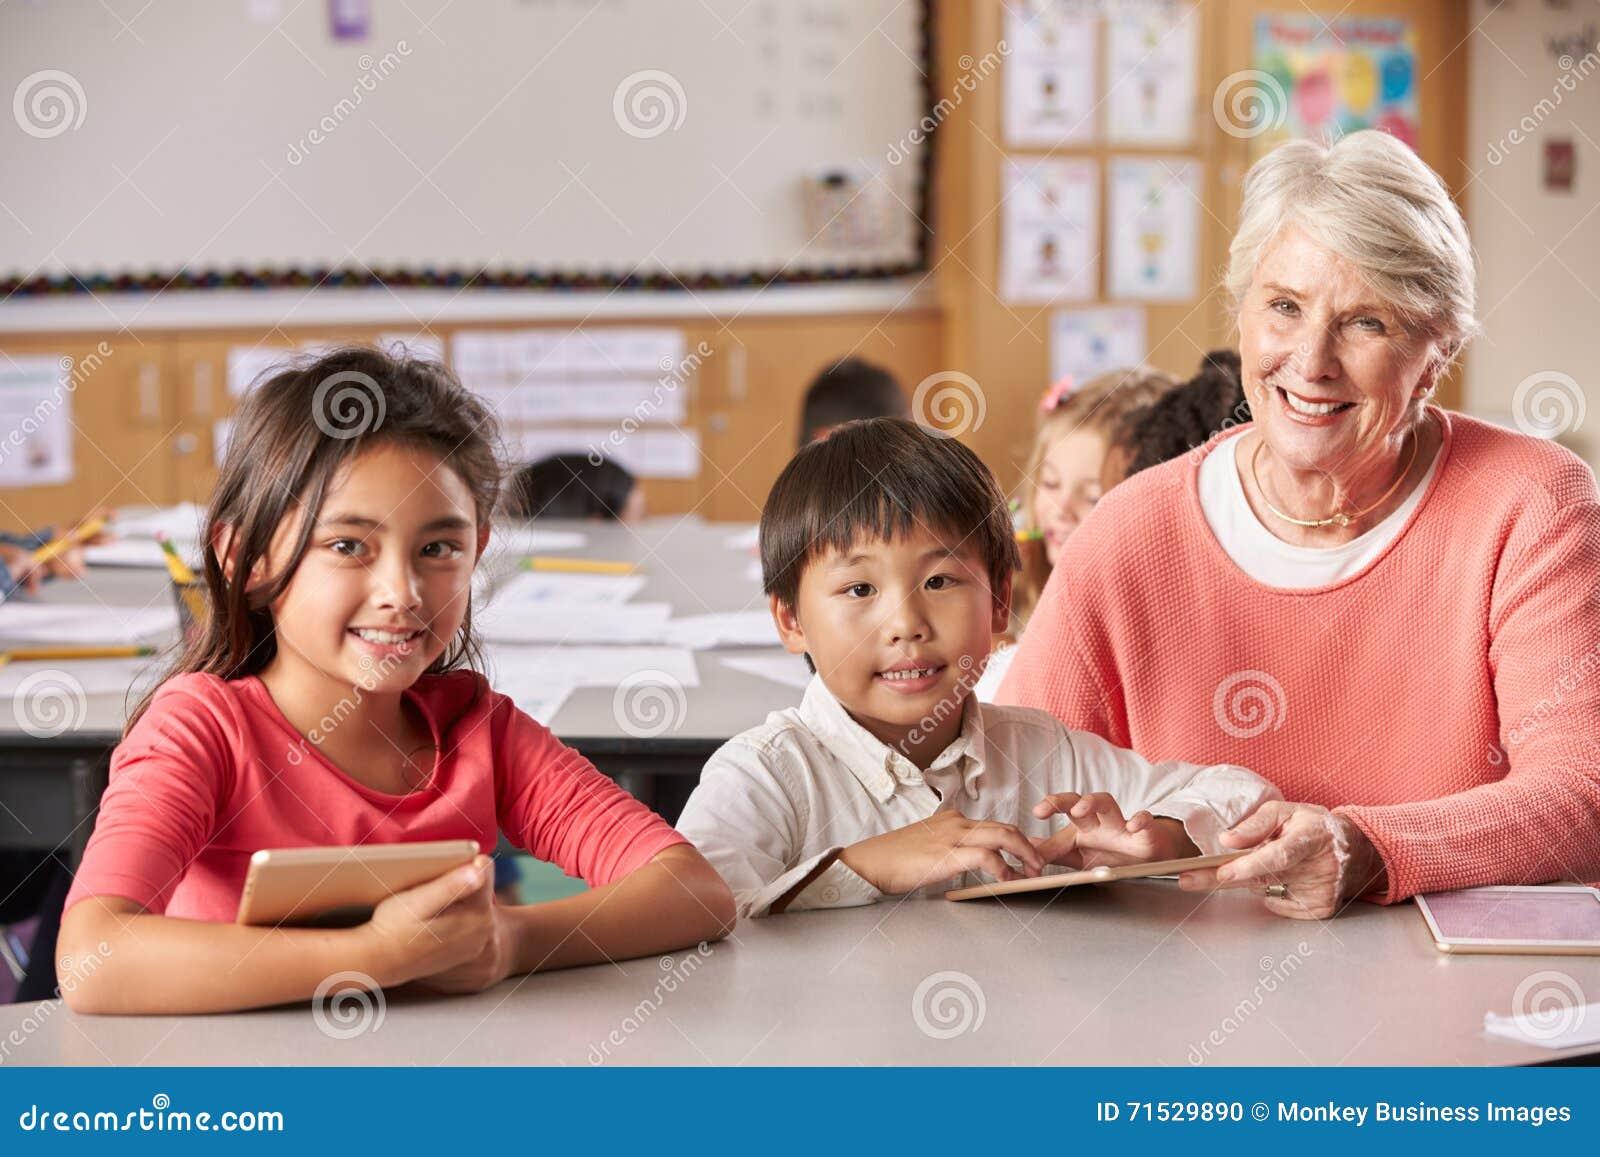 Als erwachsener mit einem lehrer ausgehen